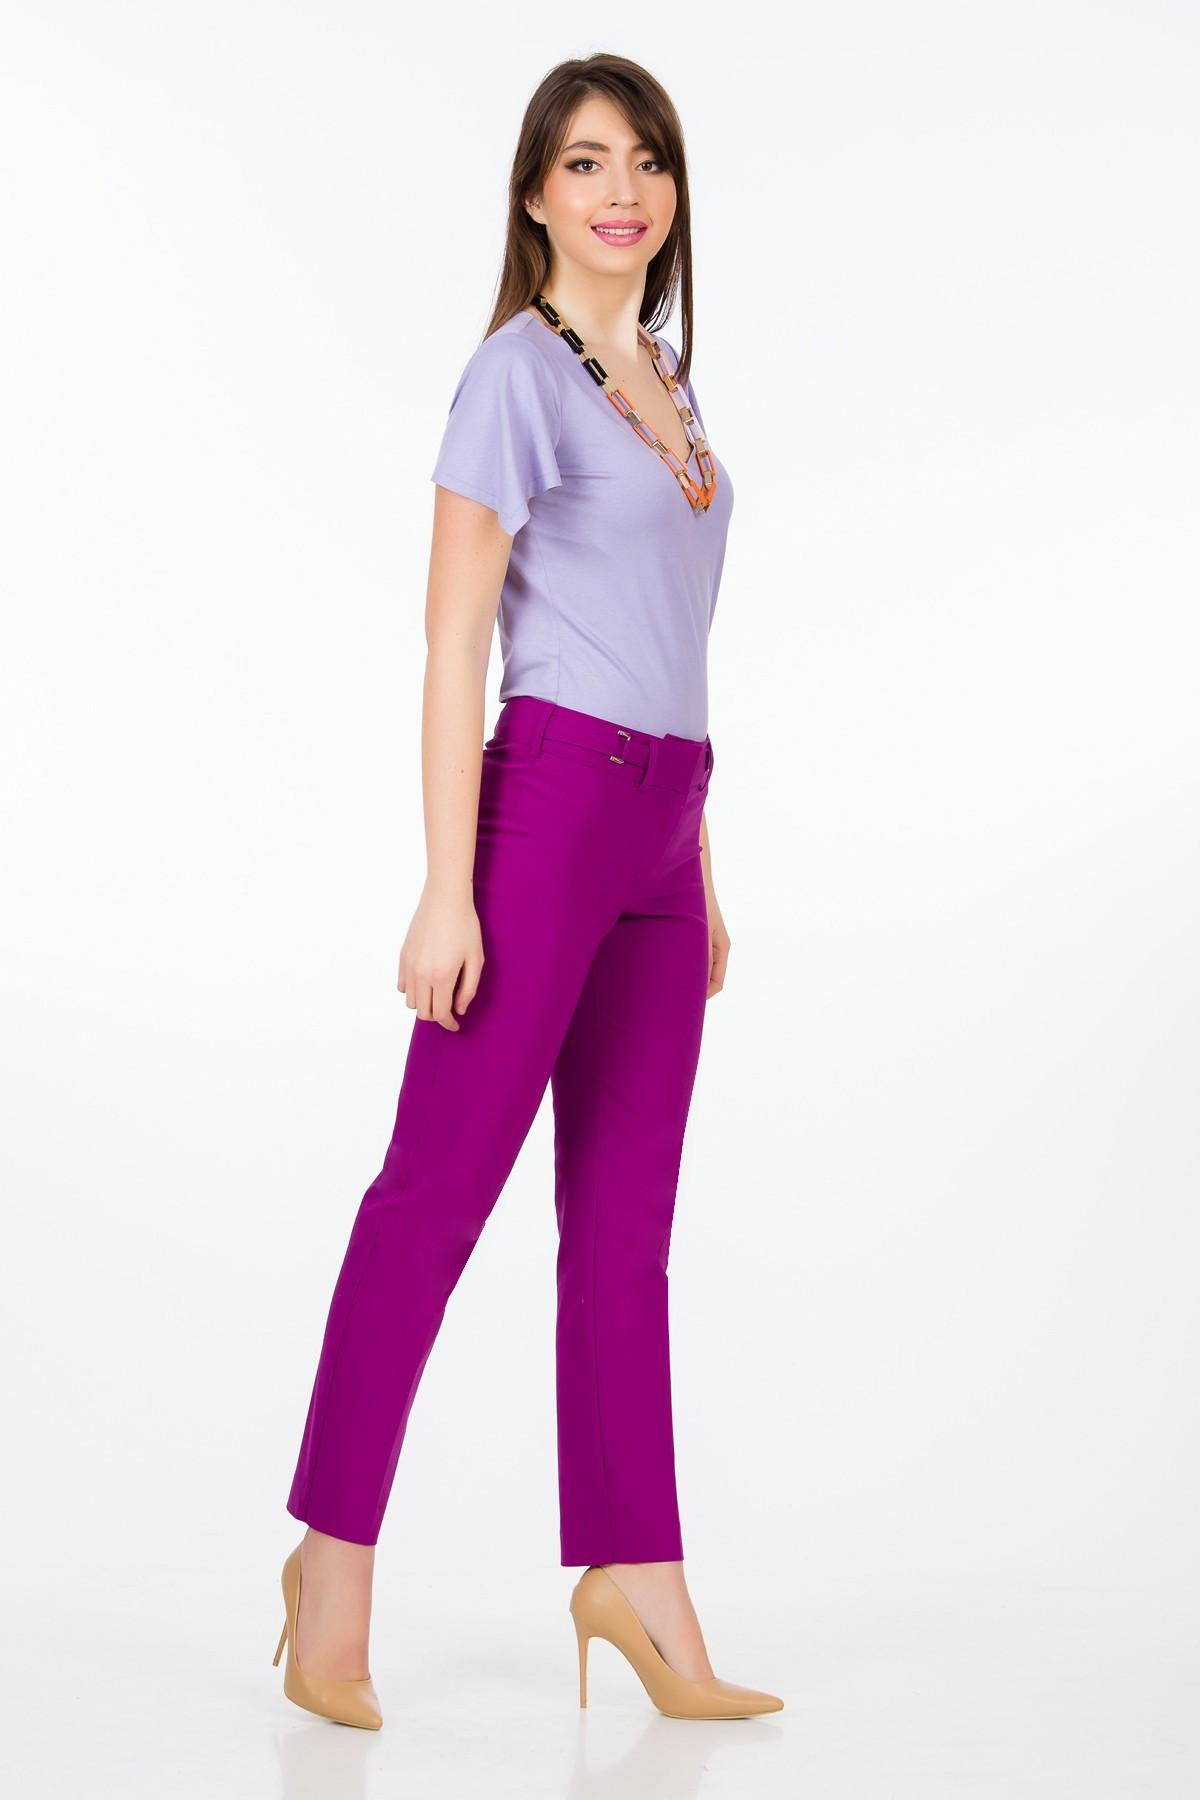 pantaloni-violet-sense